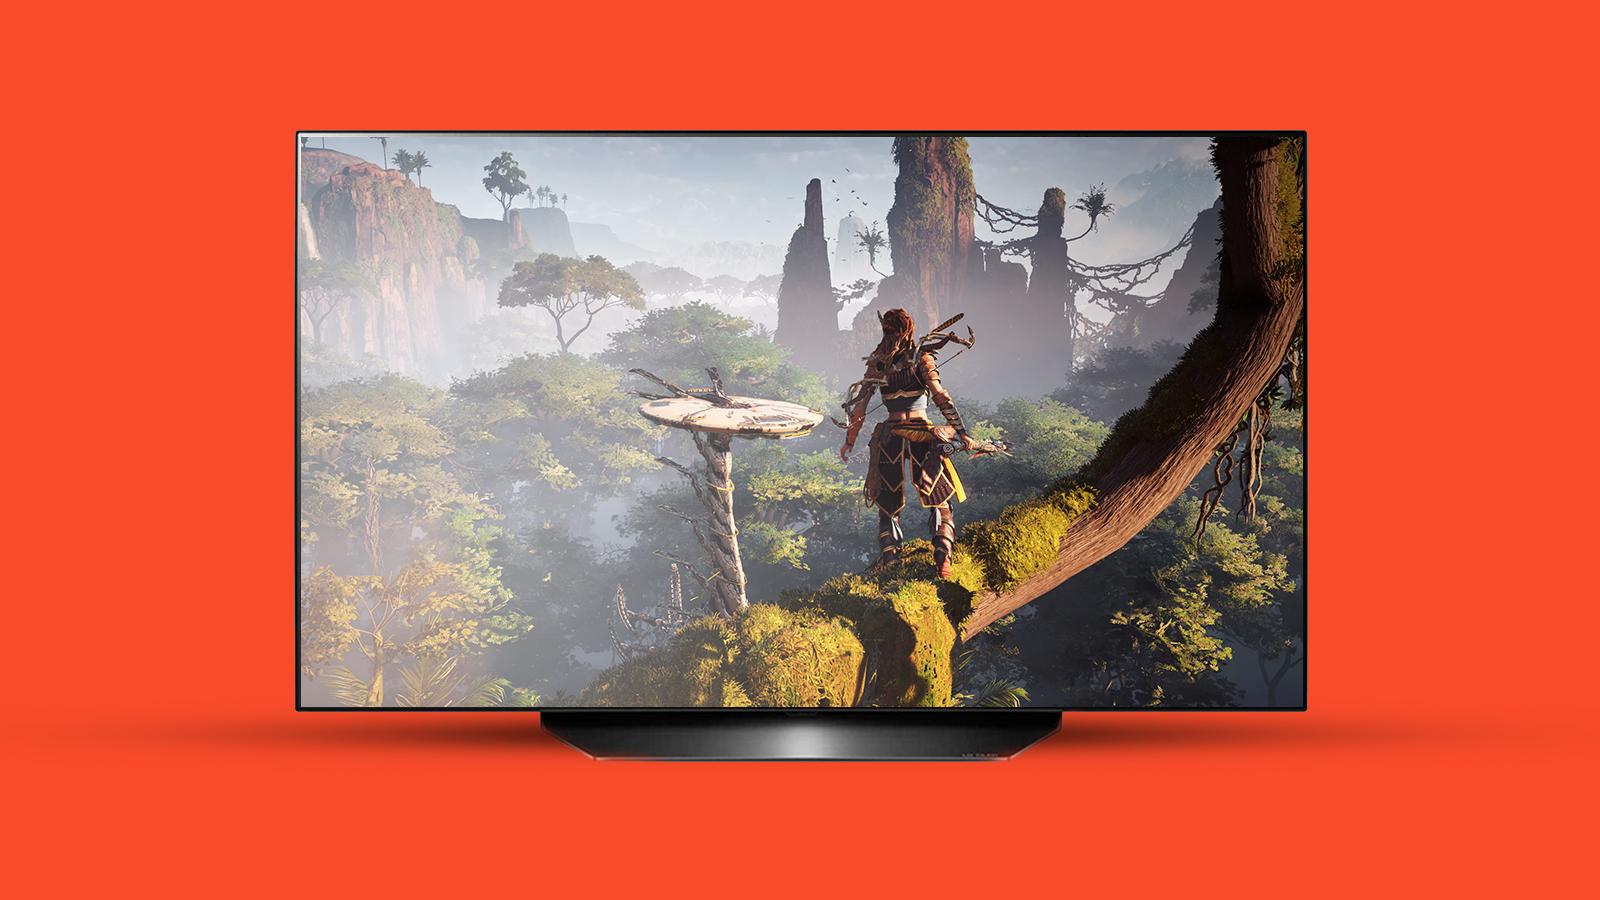 Review: smart tv lg oled 55cx, pronta para a nova geração de videogames. A nova tv lg oled cx conta com 4 portas hdmi 2. 1, permitindo aproveitar ao máximo os novos consoles com imagens 4k e frequência de 120hz